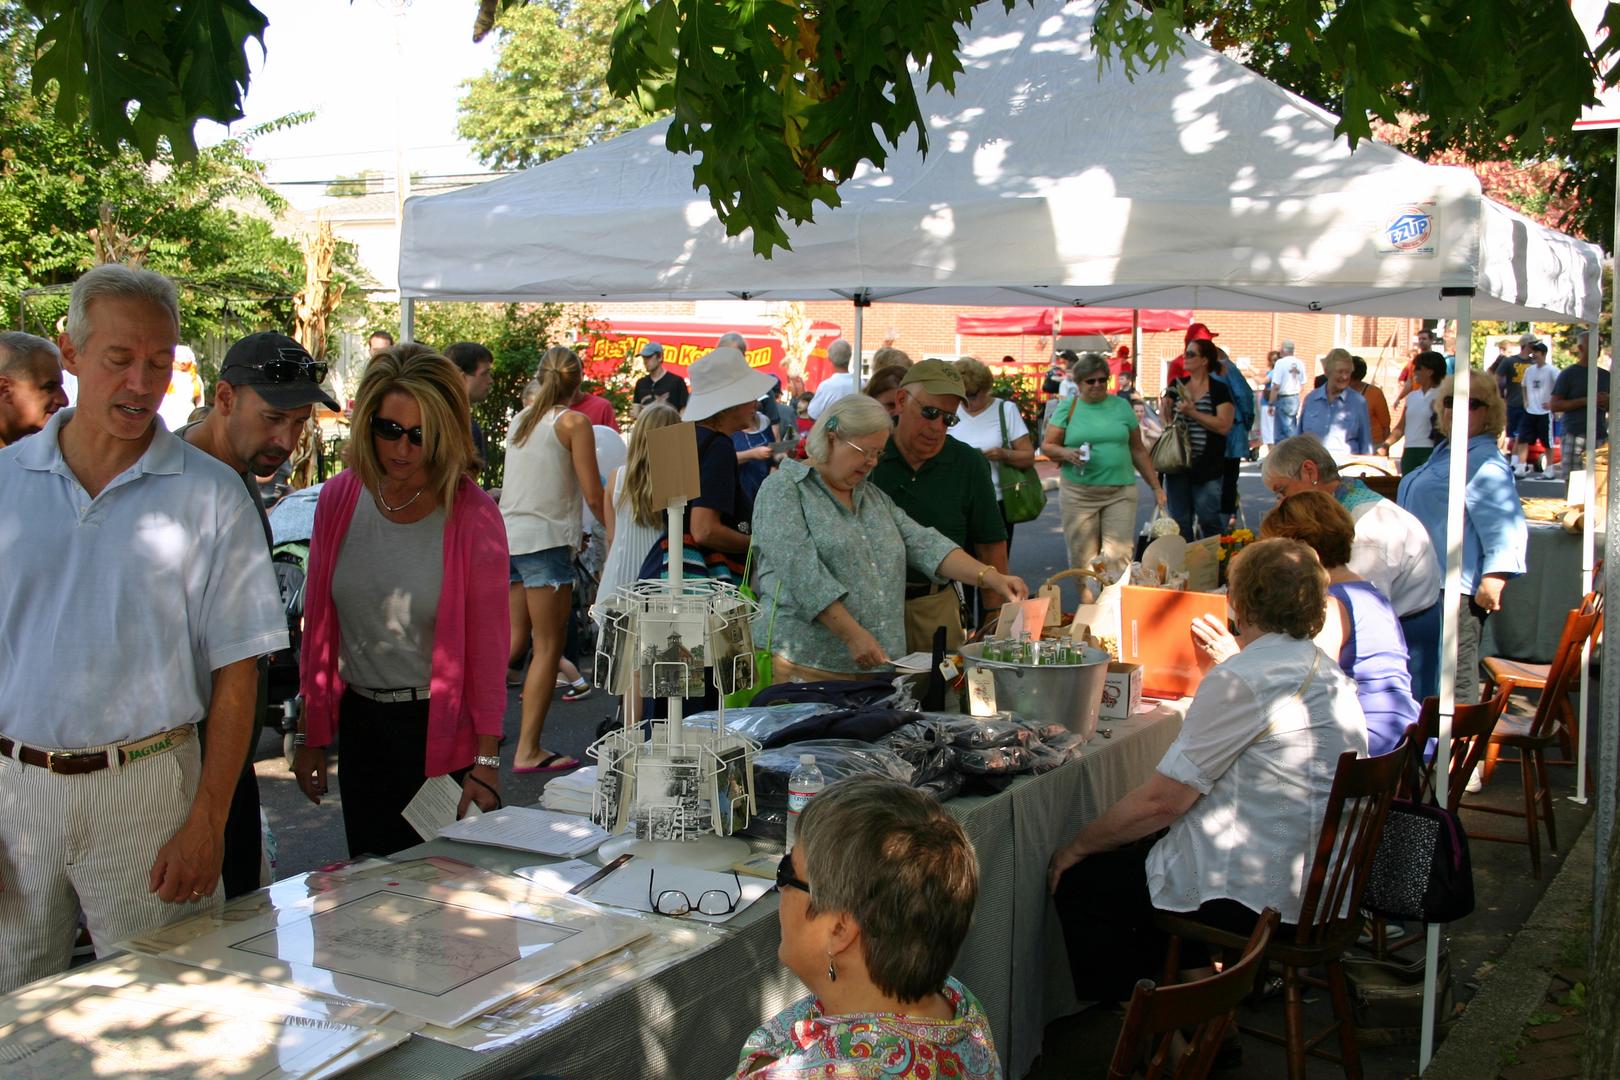 Market Day in Historic Newtown